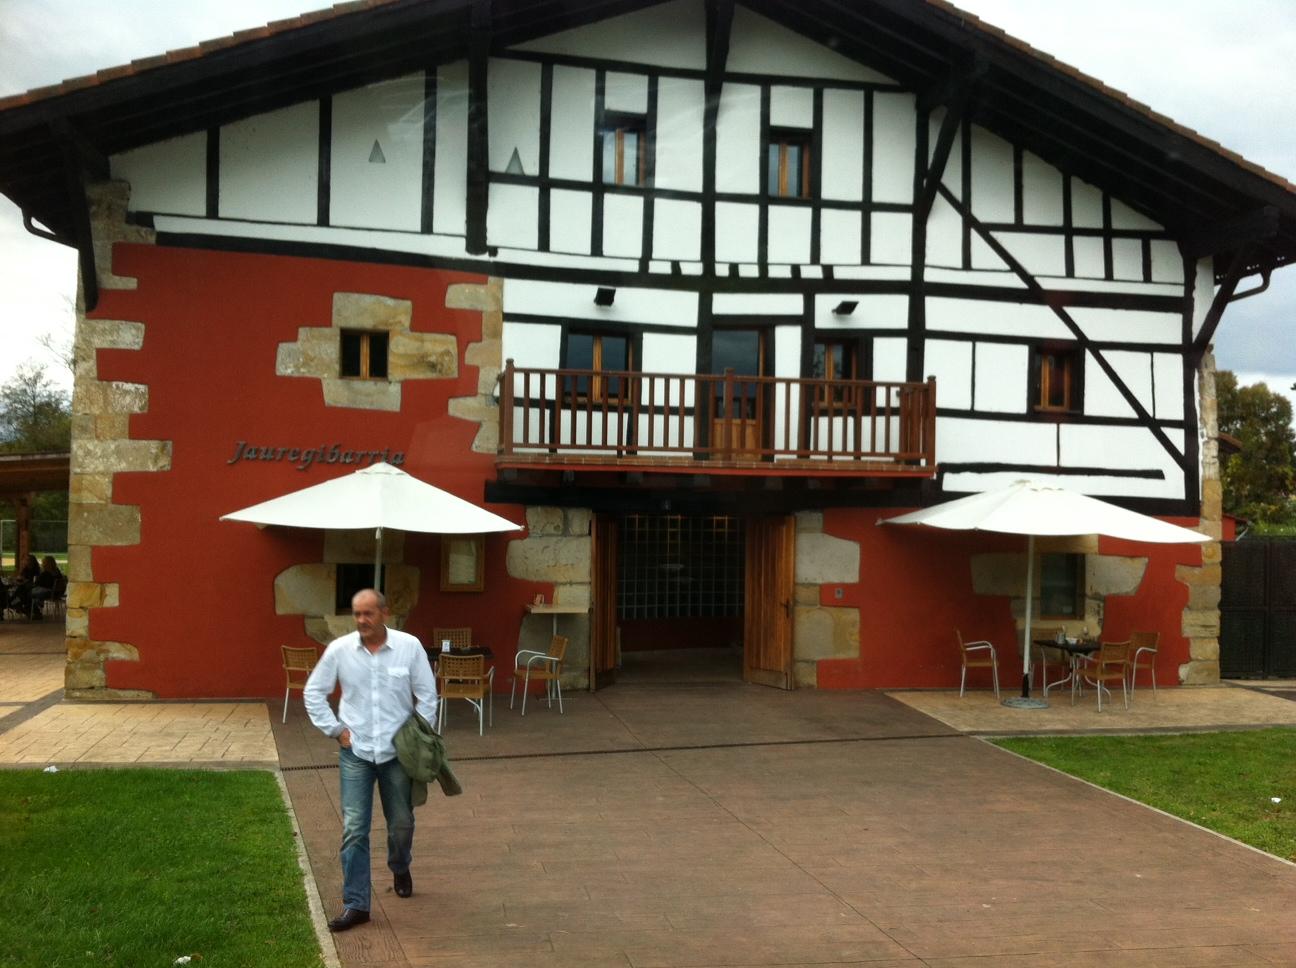 Restaurante Jauregibarria Jatetxea El Gran Gasti